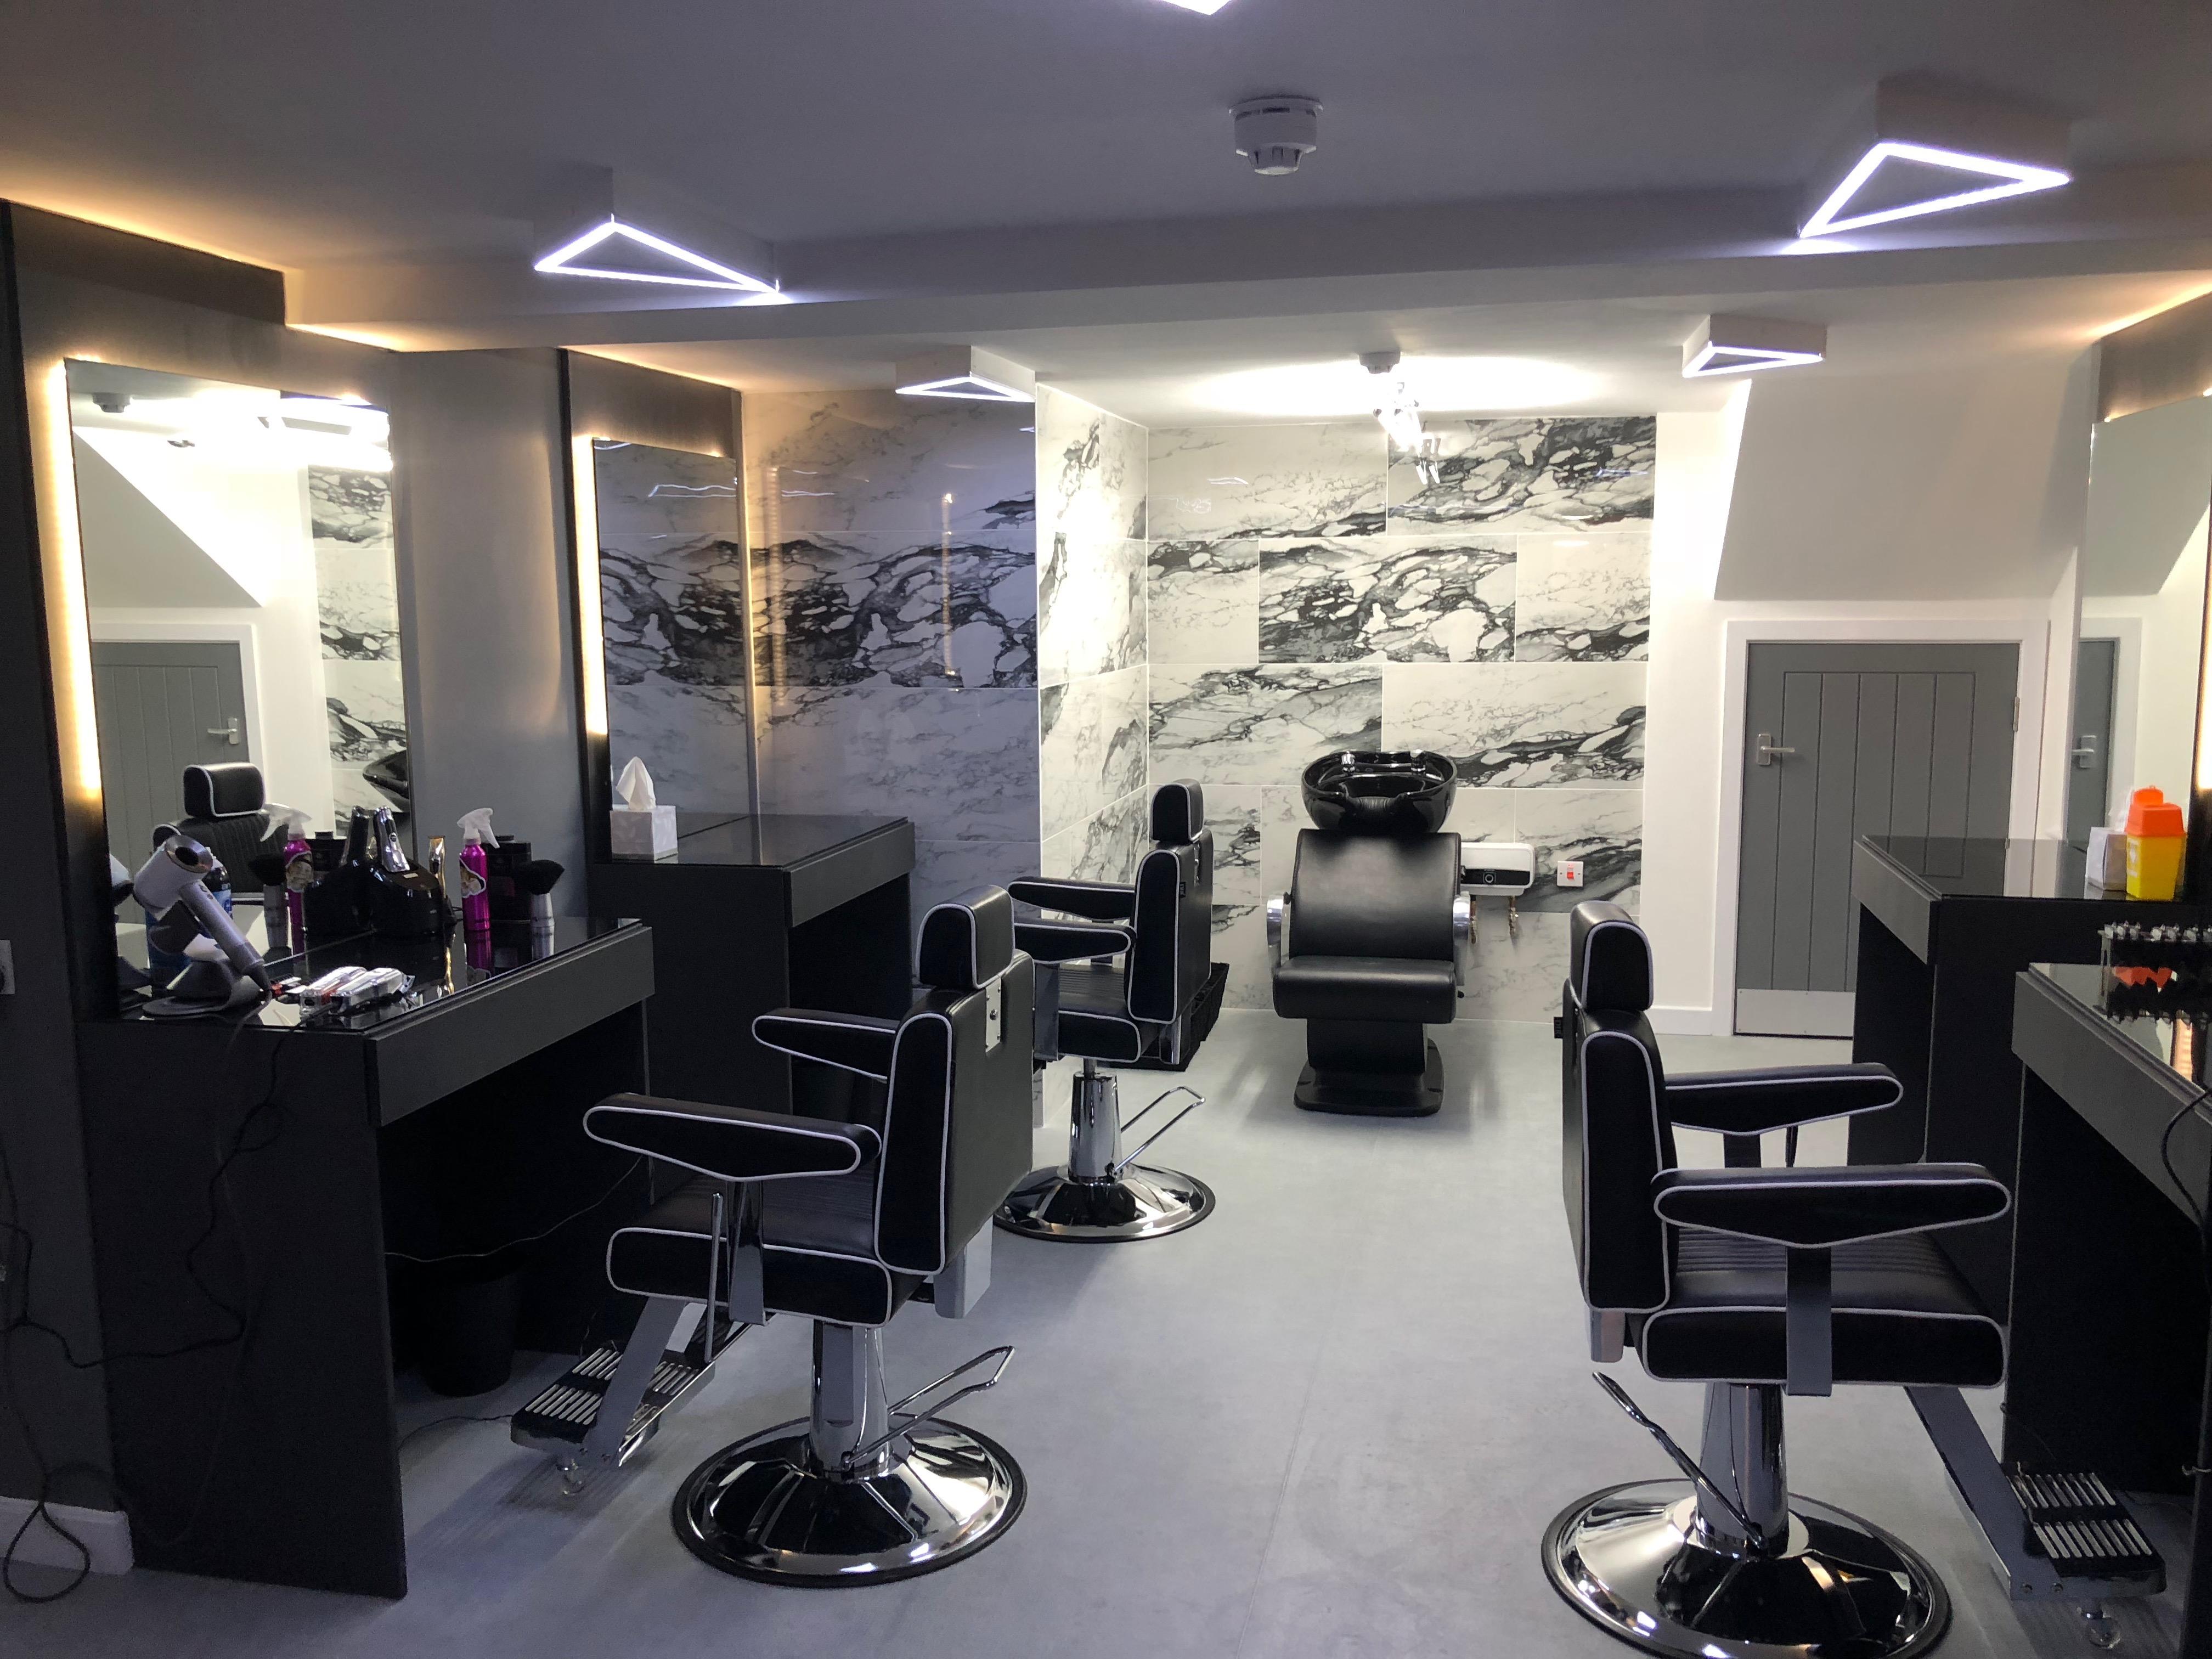 Moor Street Barber Shop